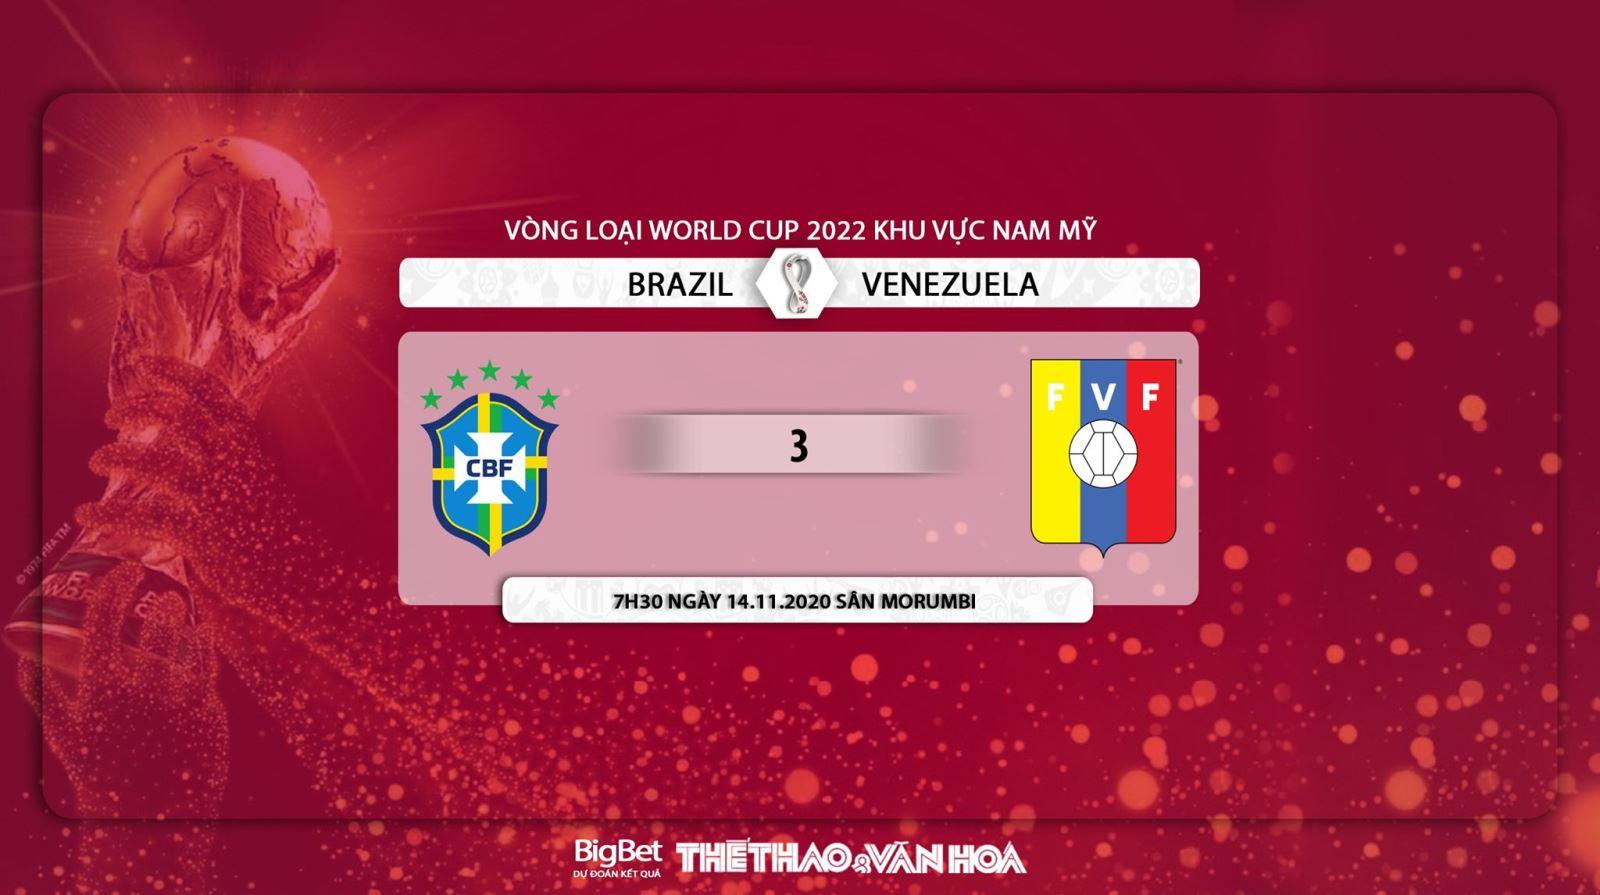 Keo nha cai, Kèo nhà cái, Brazil vs Venezuela, Trực tiếp bóng đá, Vòng loại World Cup 2022, Kèo Brazil đấu với Venezuela, Keo bong da, Tin tức bóng đá hôm nay, Kèo Brazil